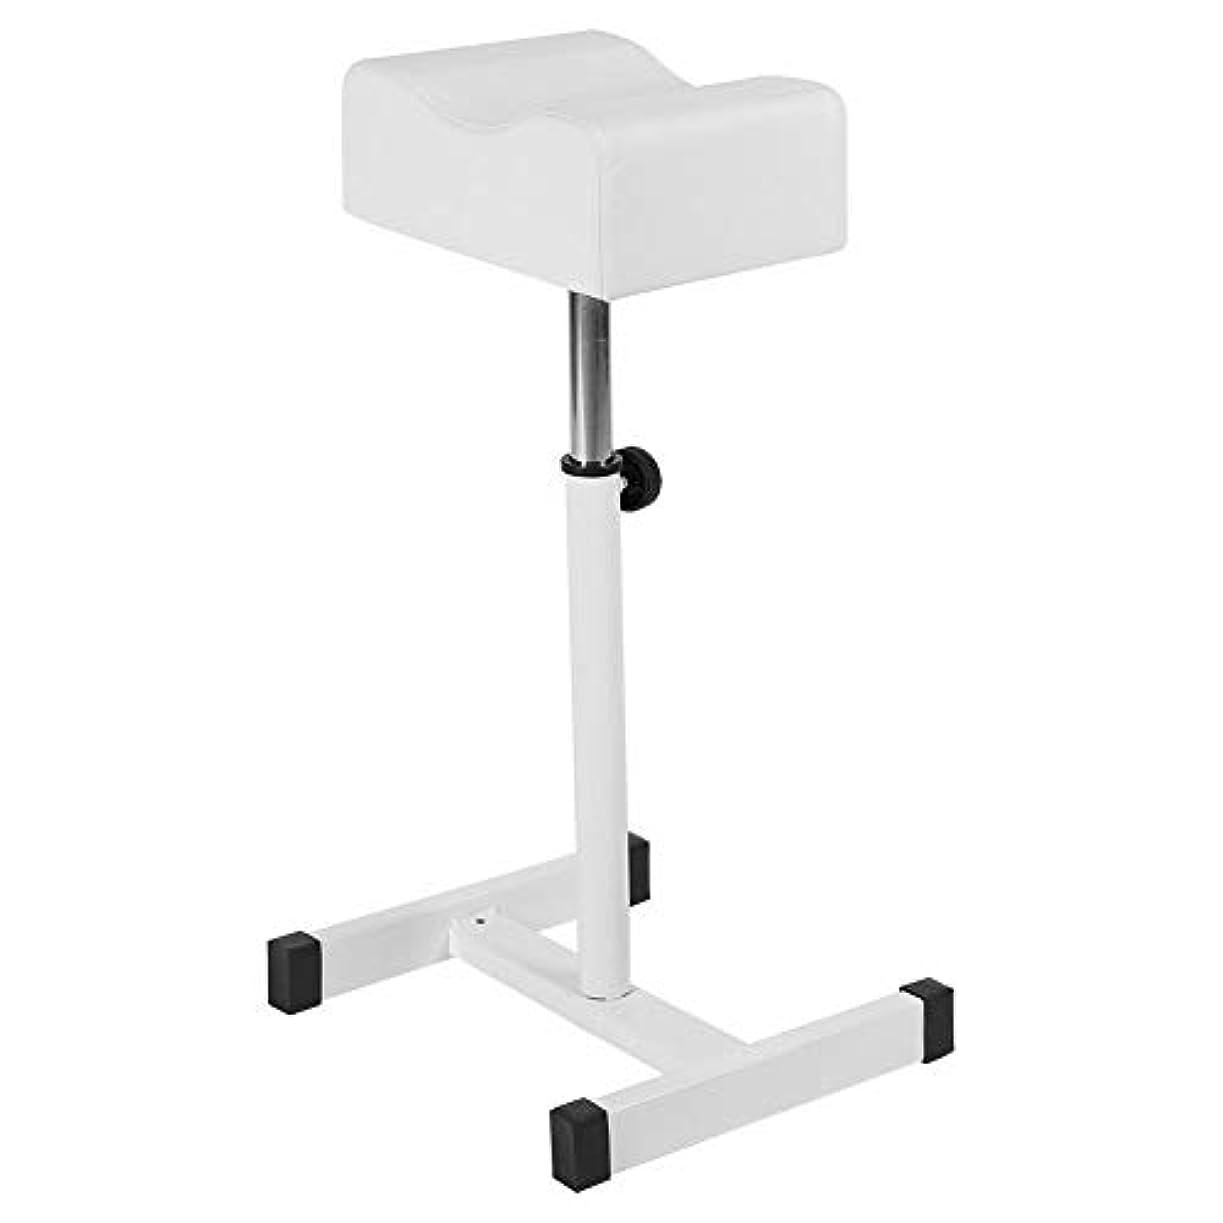 ハードウェア不健康クランシーサロンスツール白、高さ調節可能な化粧品椅子スパスツールスパスイベルホームショップの快適なシートクッションスツールホワイト